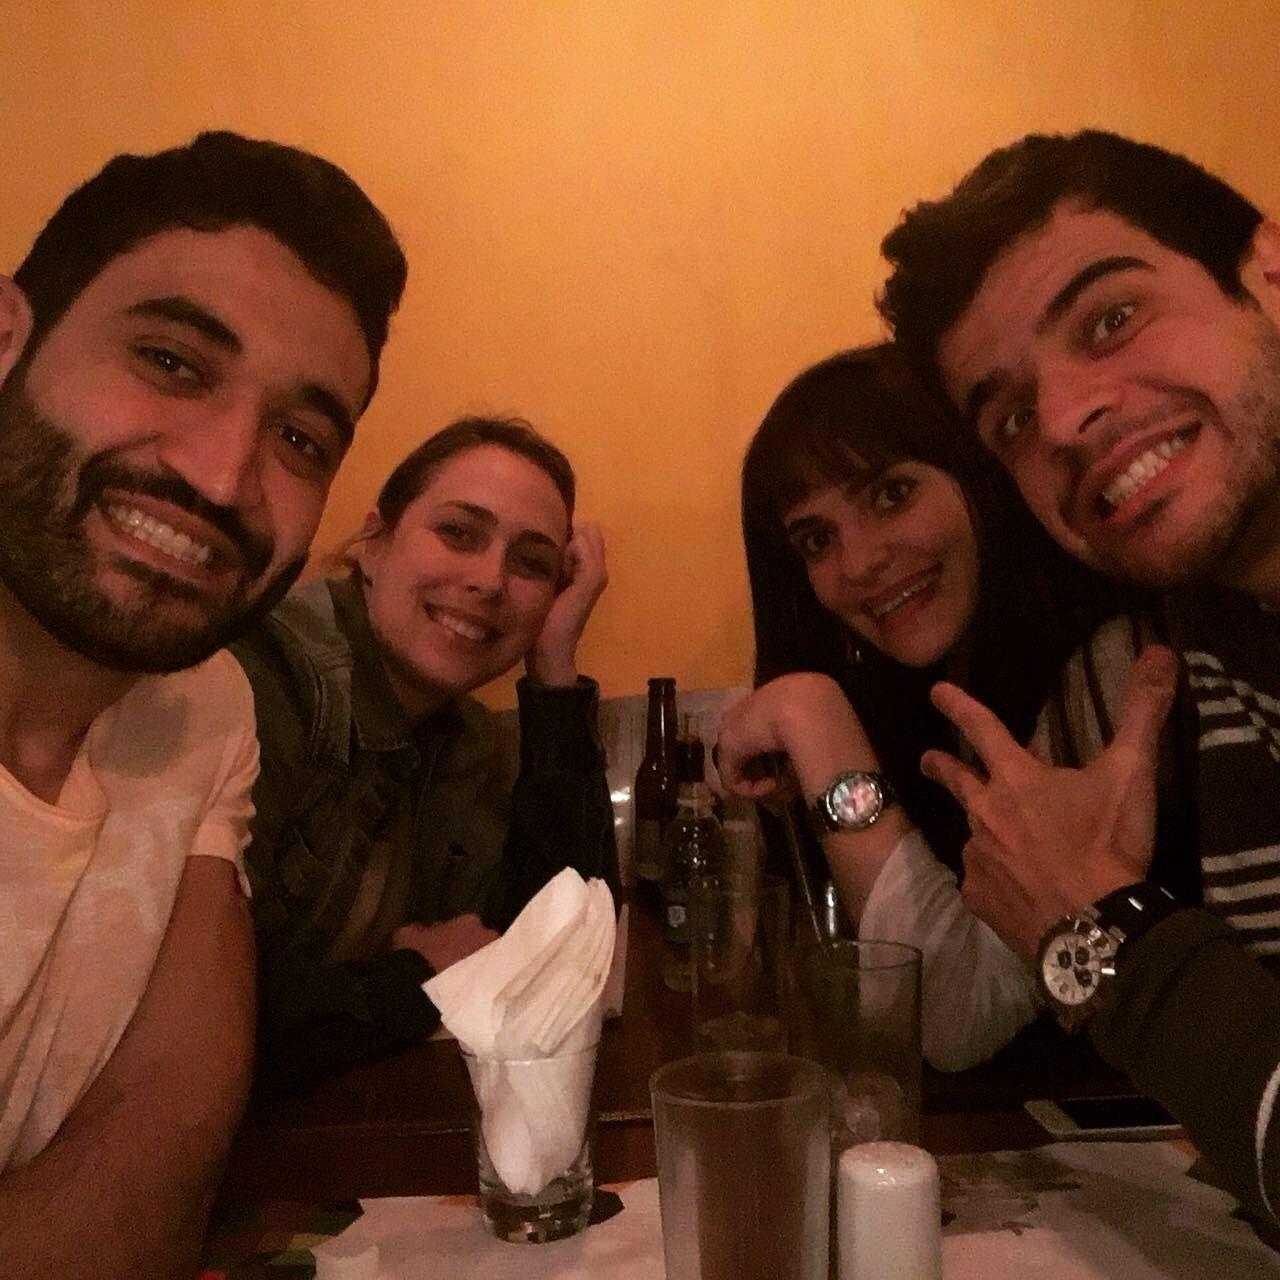 E pra comemorar uma semana repleta de notícias incríveis, bora matar as saudades deles, os mais especiais! Por que rir é bom demais!  #baruk #jantar #amigos #domingando #comidaarabe